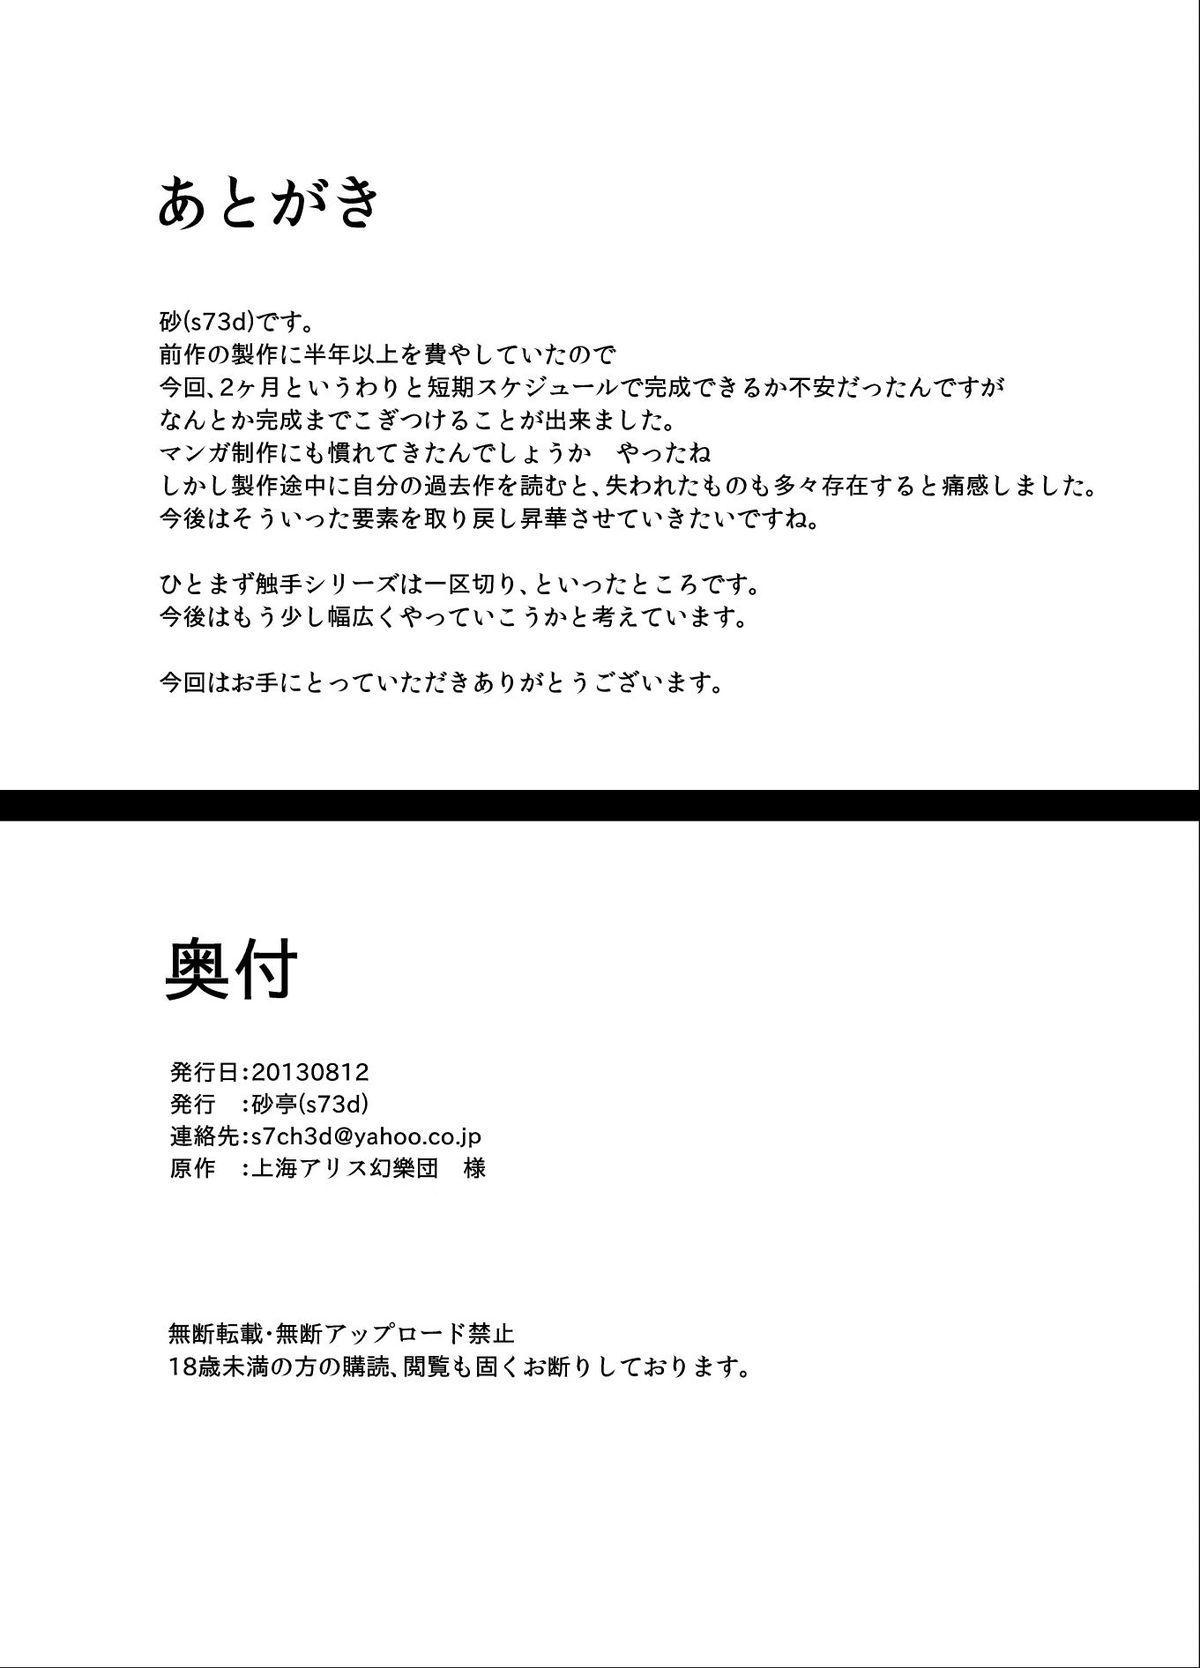 Marisa ga Mori de Shokushu ni San 24